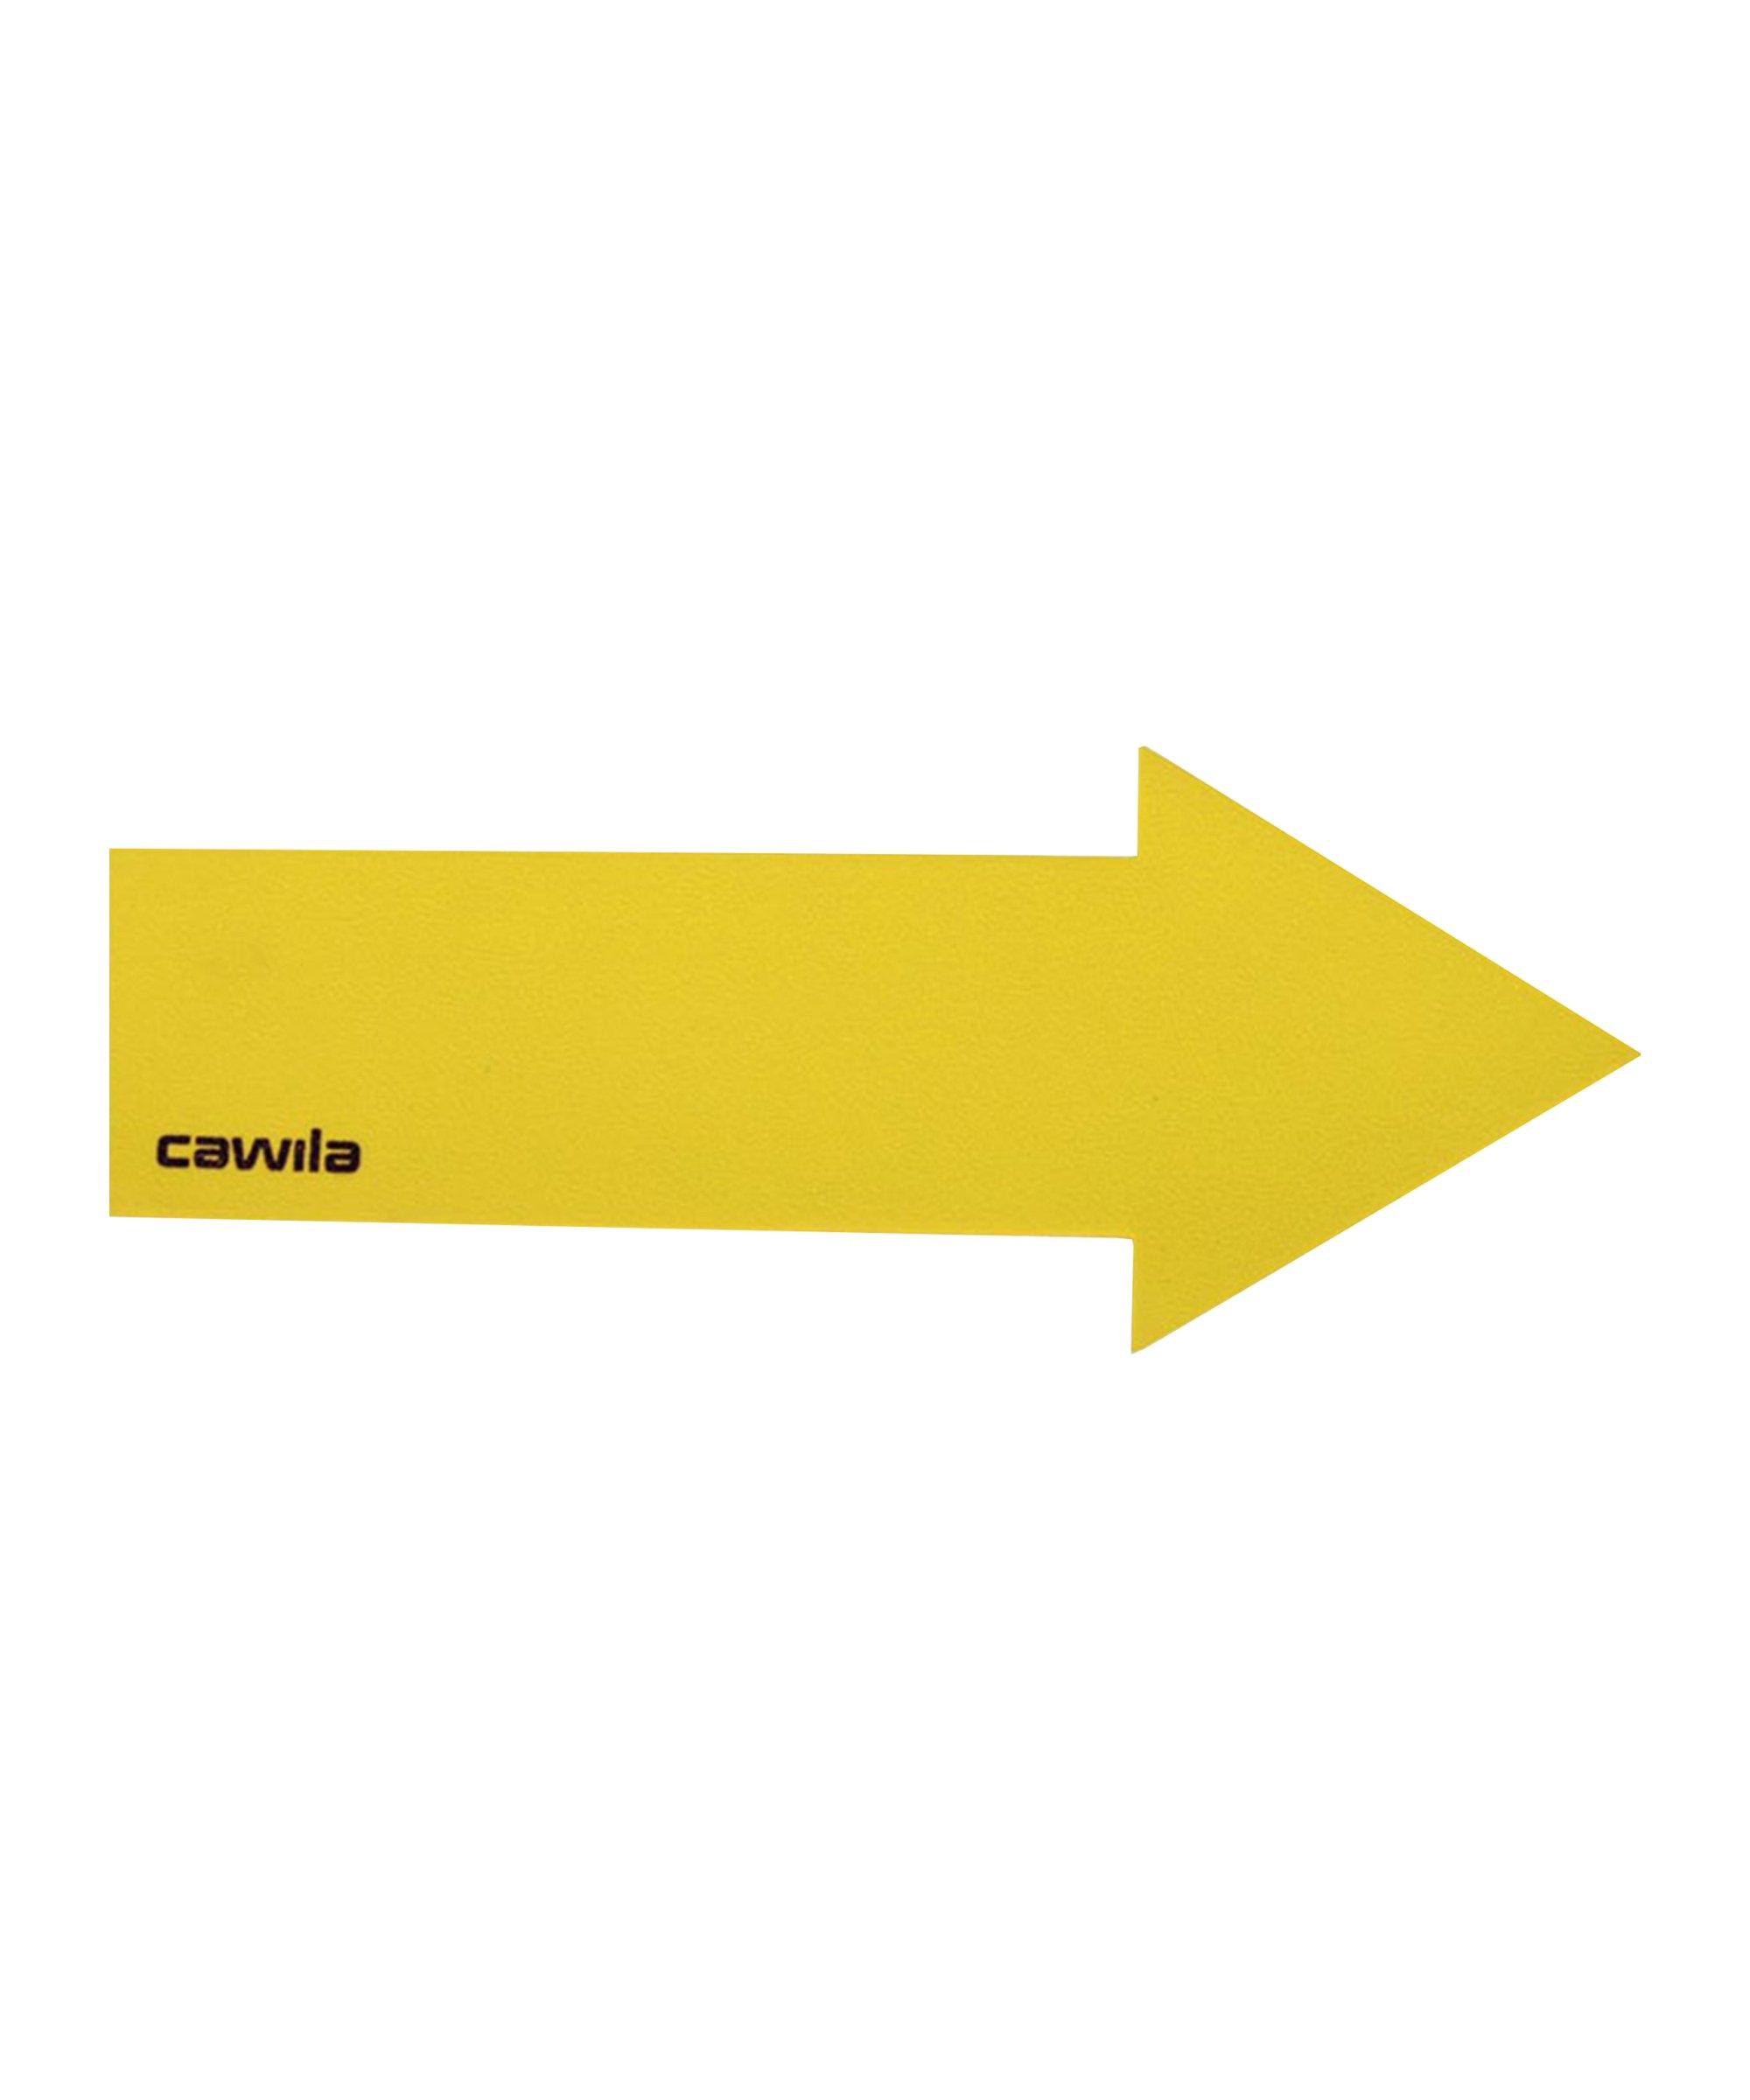 Cawila Marker-System Pfeil 36 x 9cm Gelb - gelb